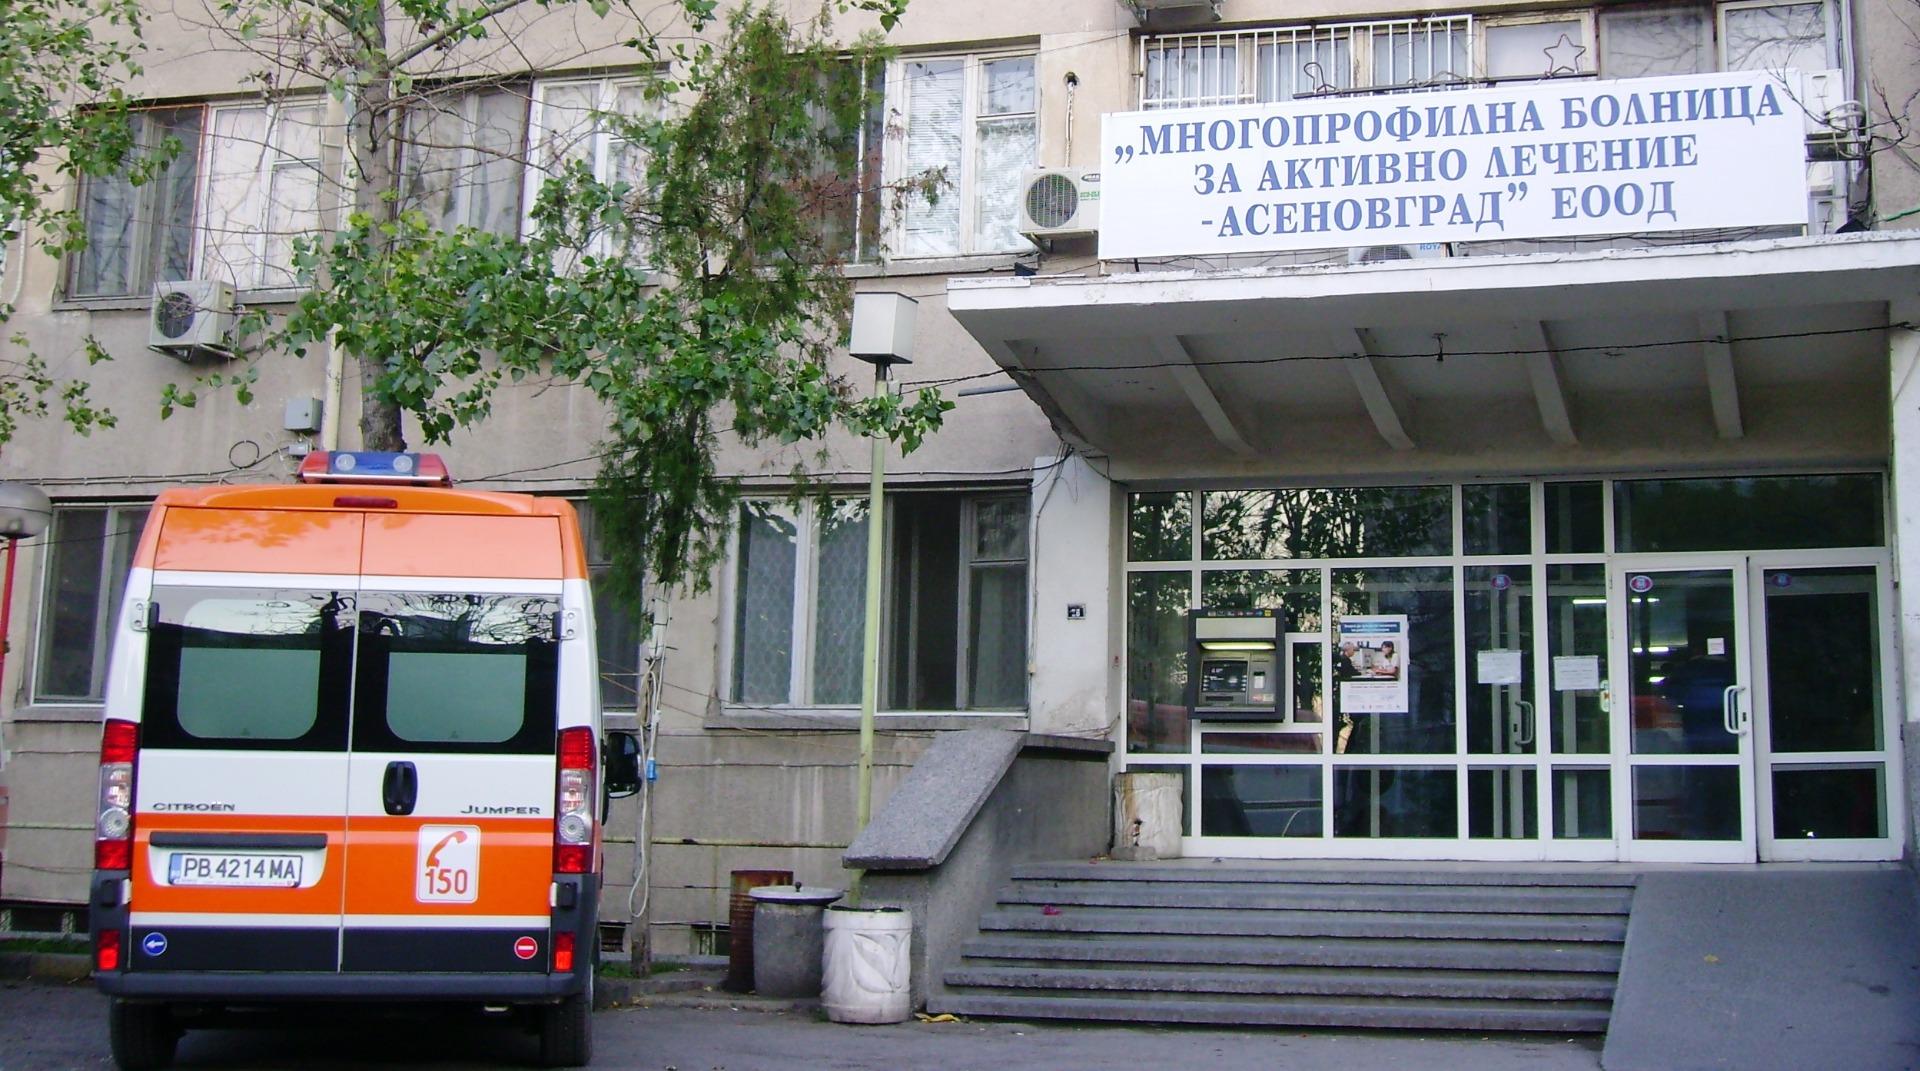 asgr_bolnica